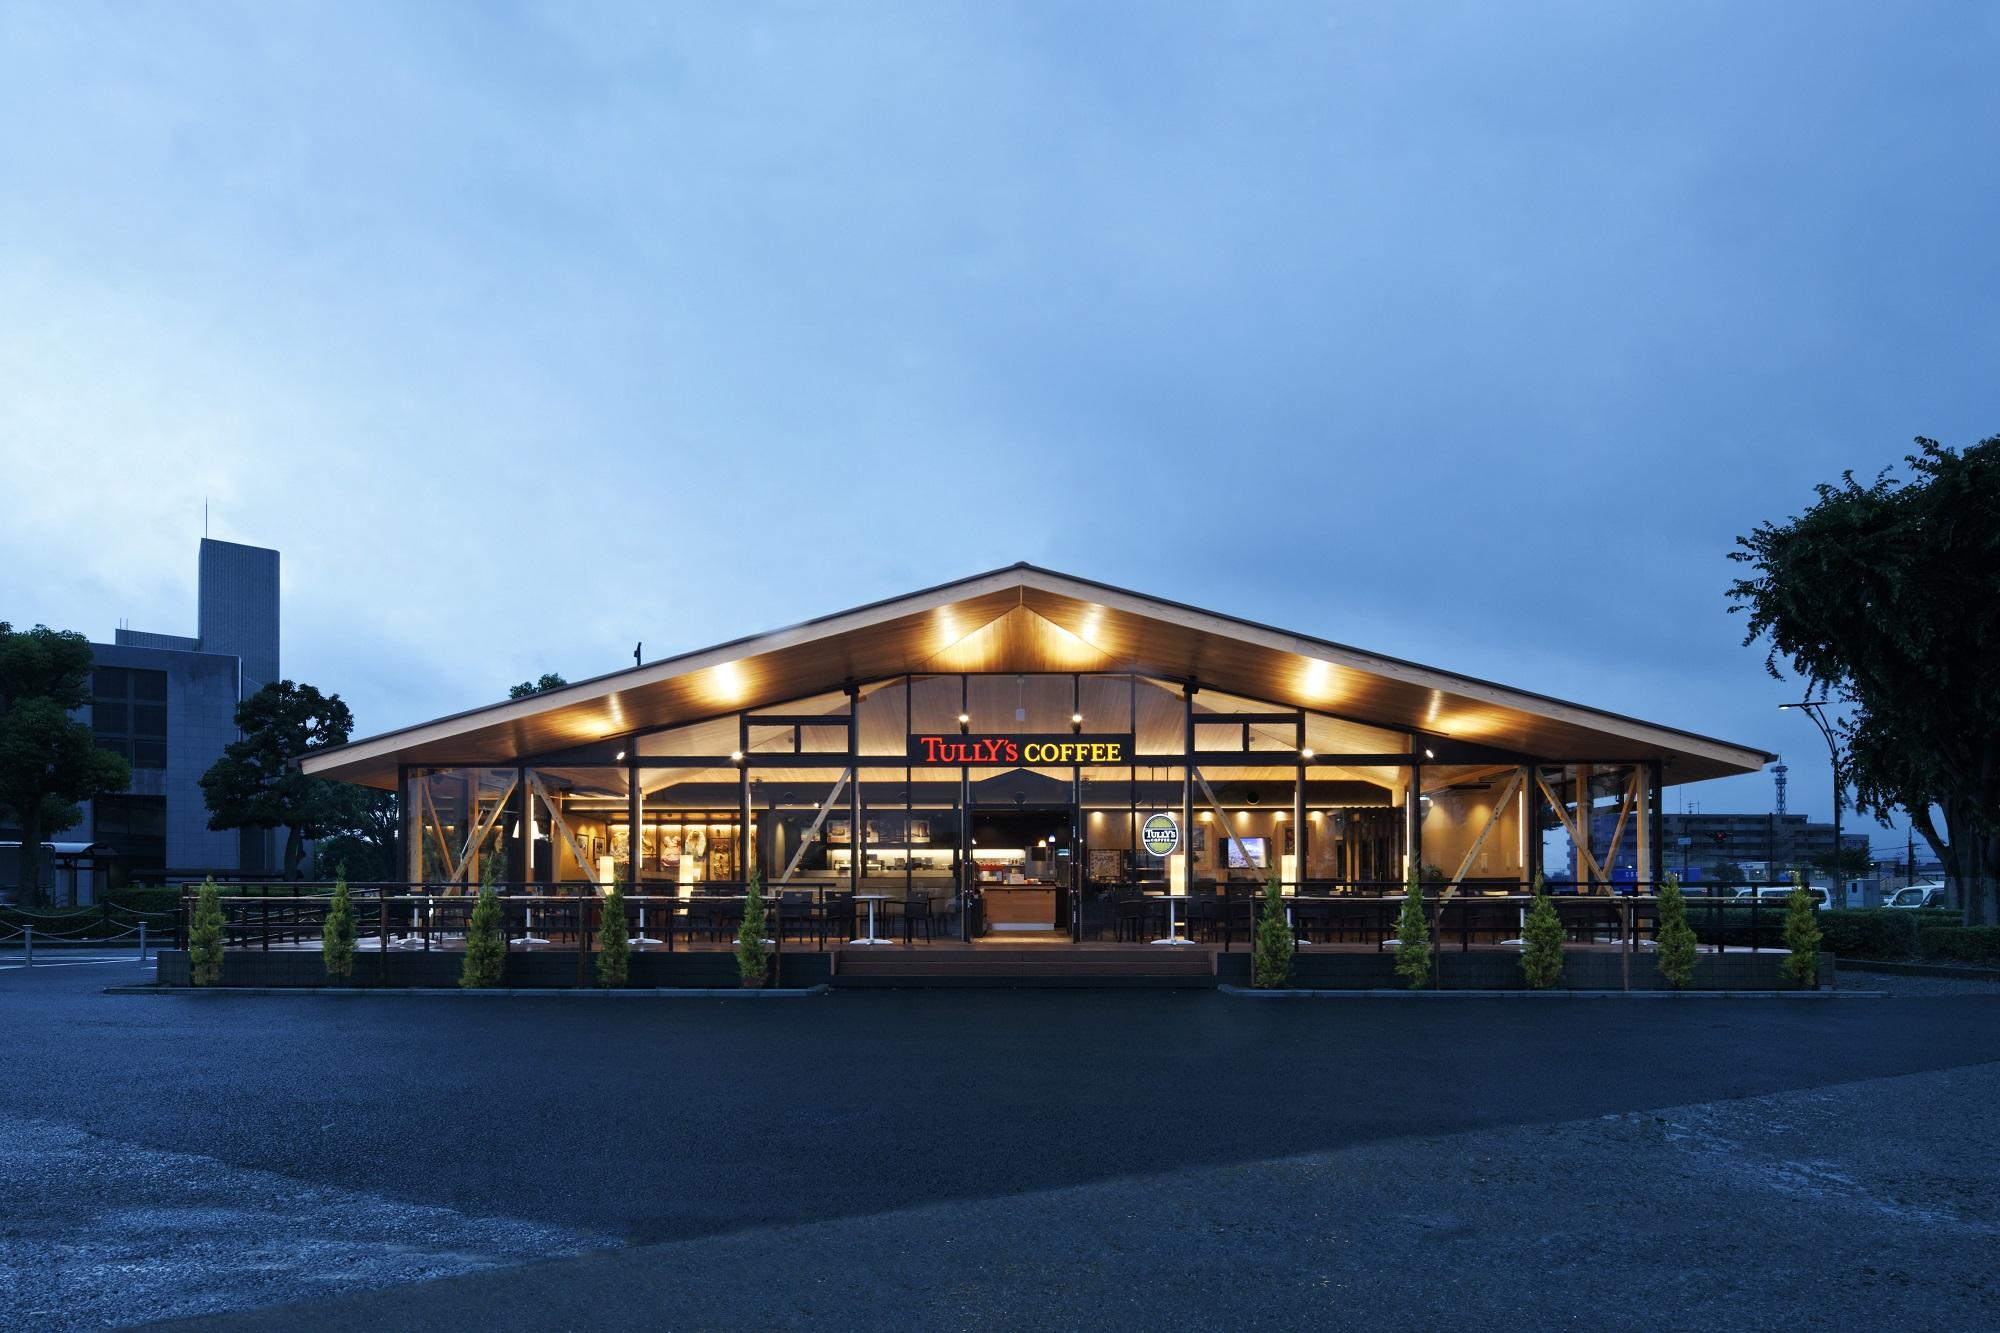 タリーズコーヒー富士市中央公園店